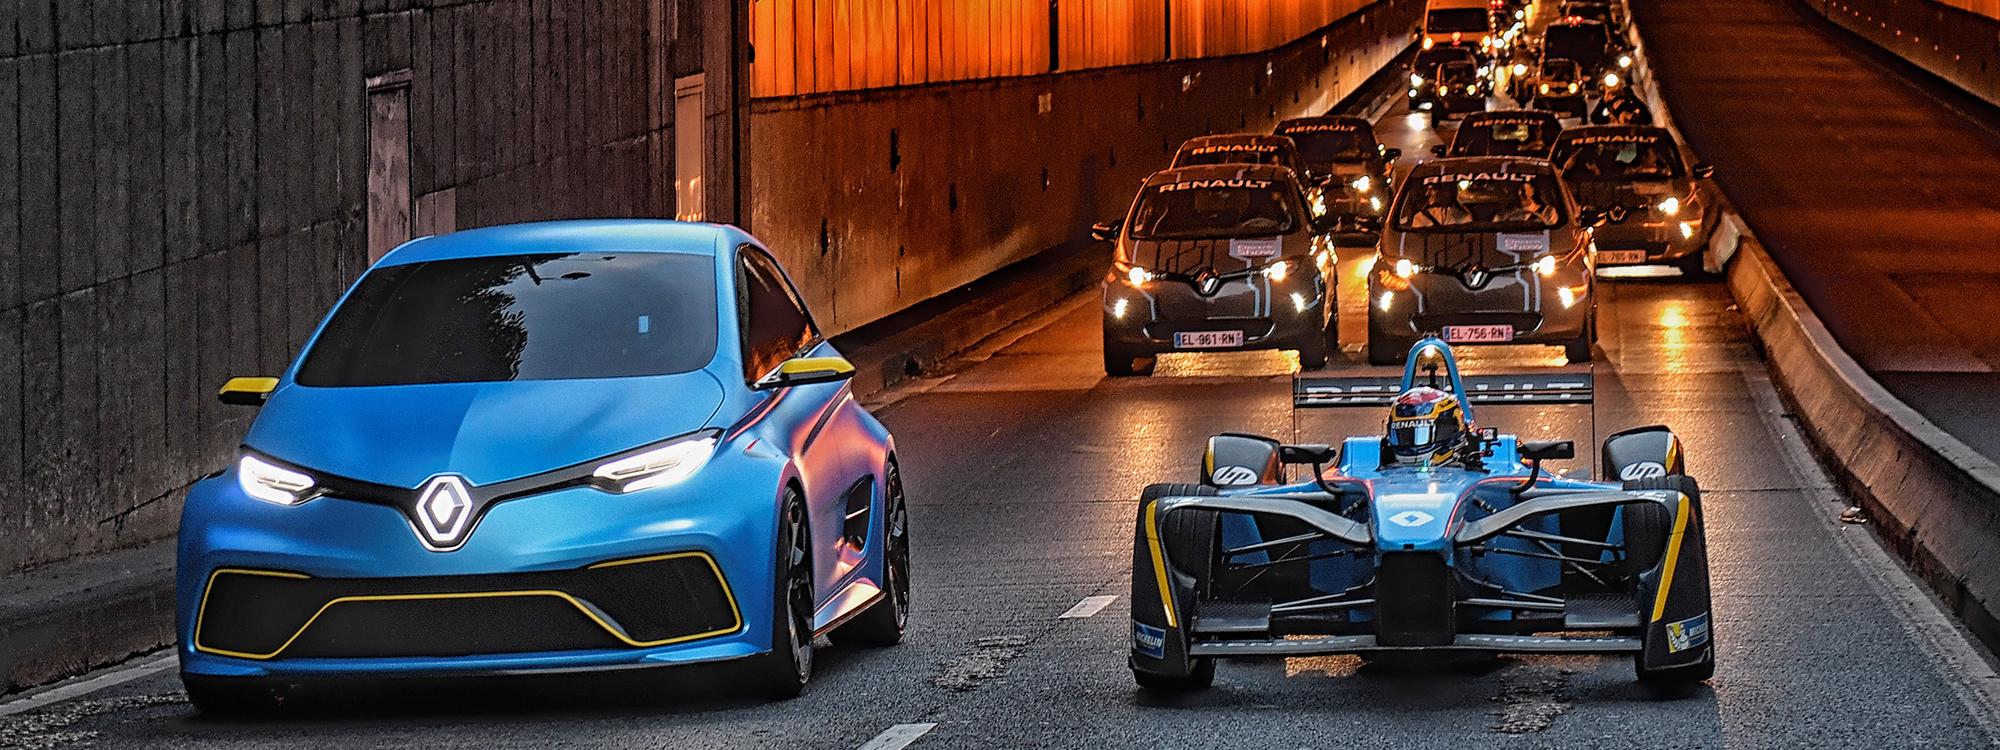 Renault ZOE e-Sport Concept & Renault e.dams